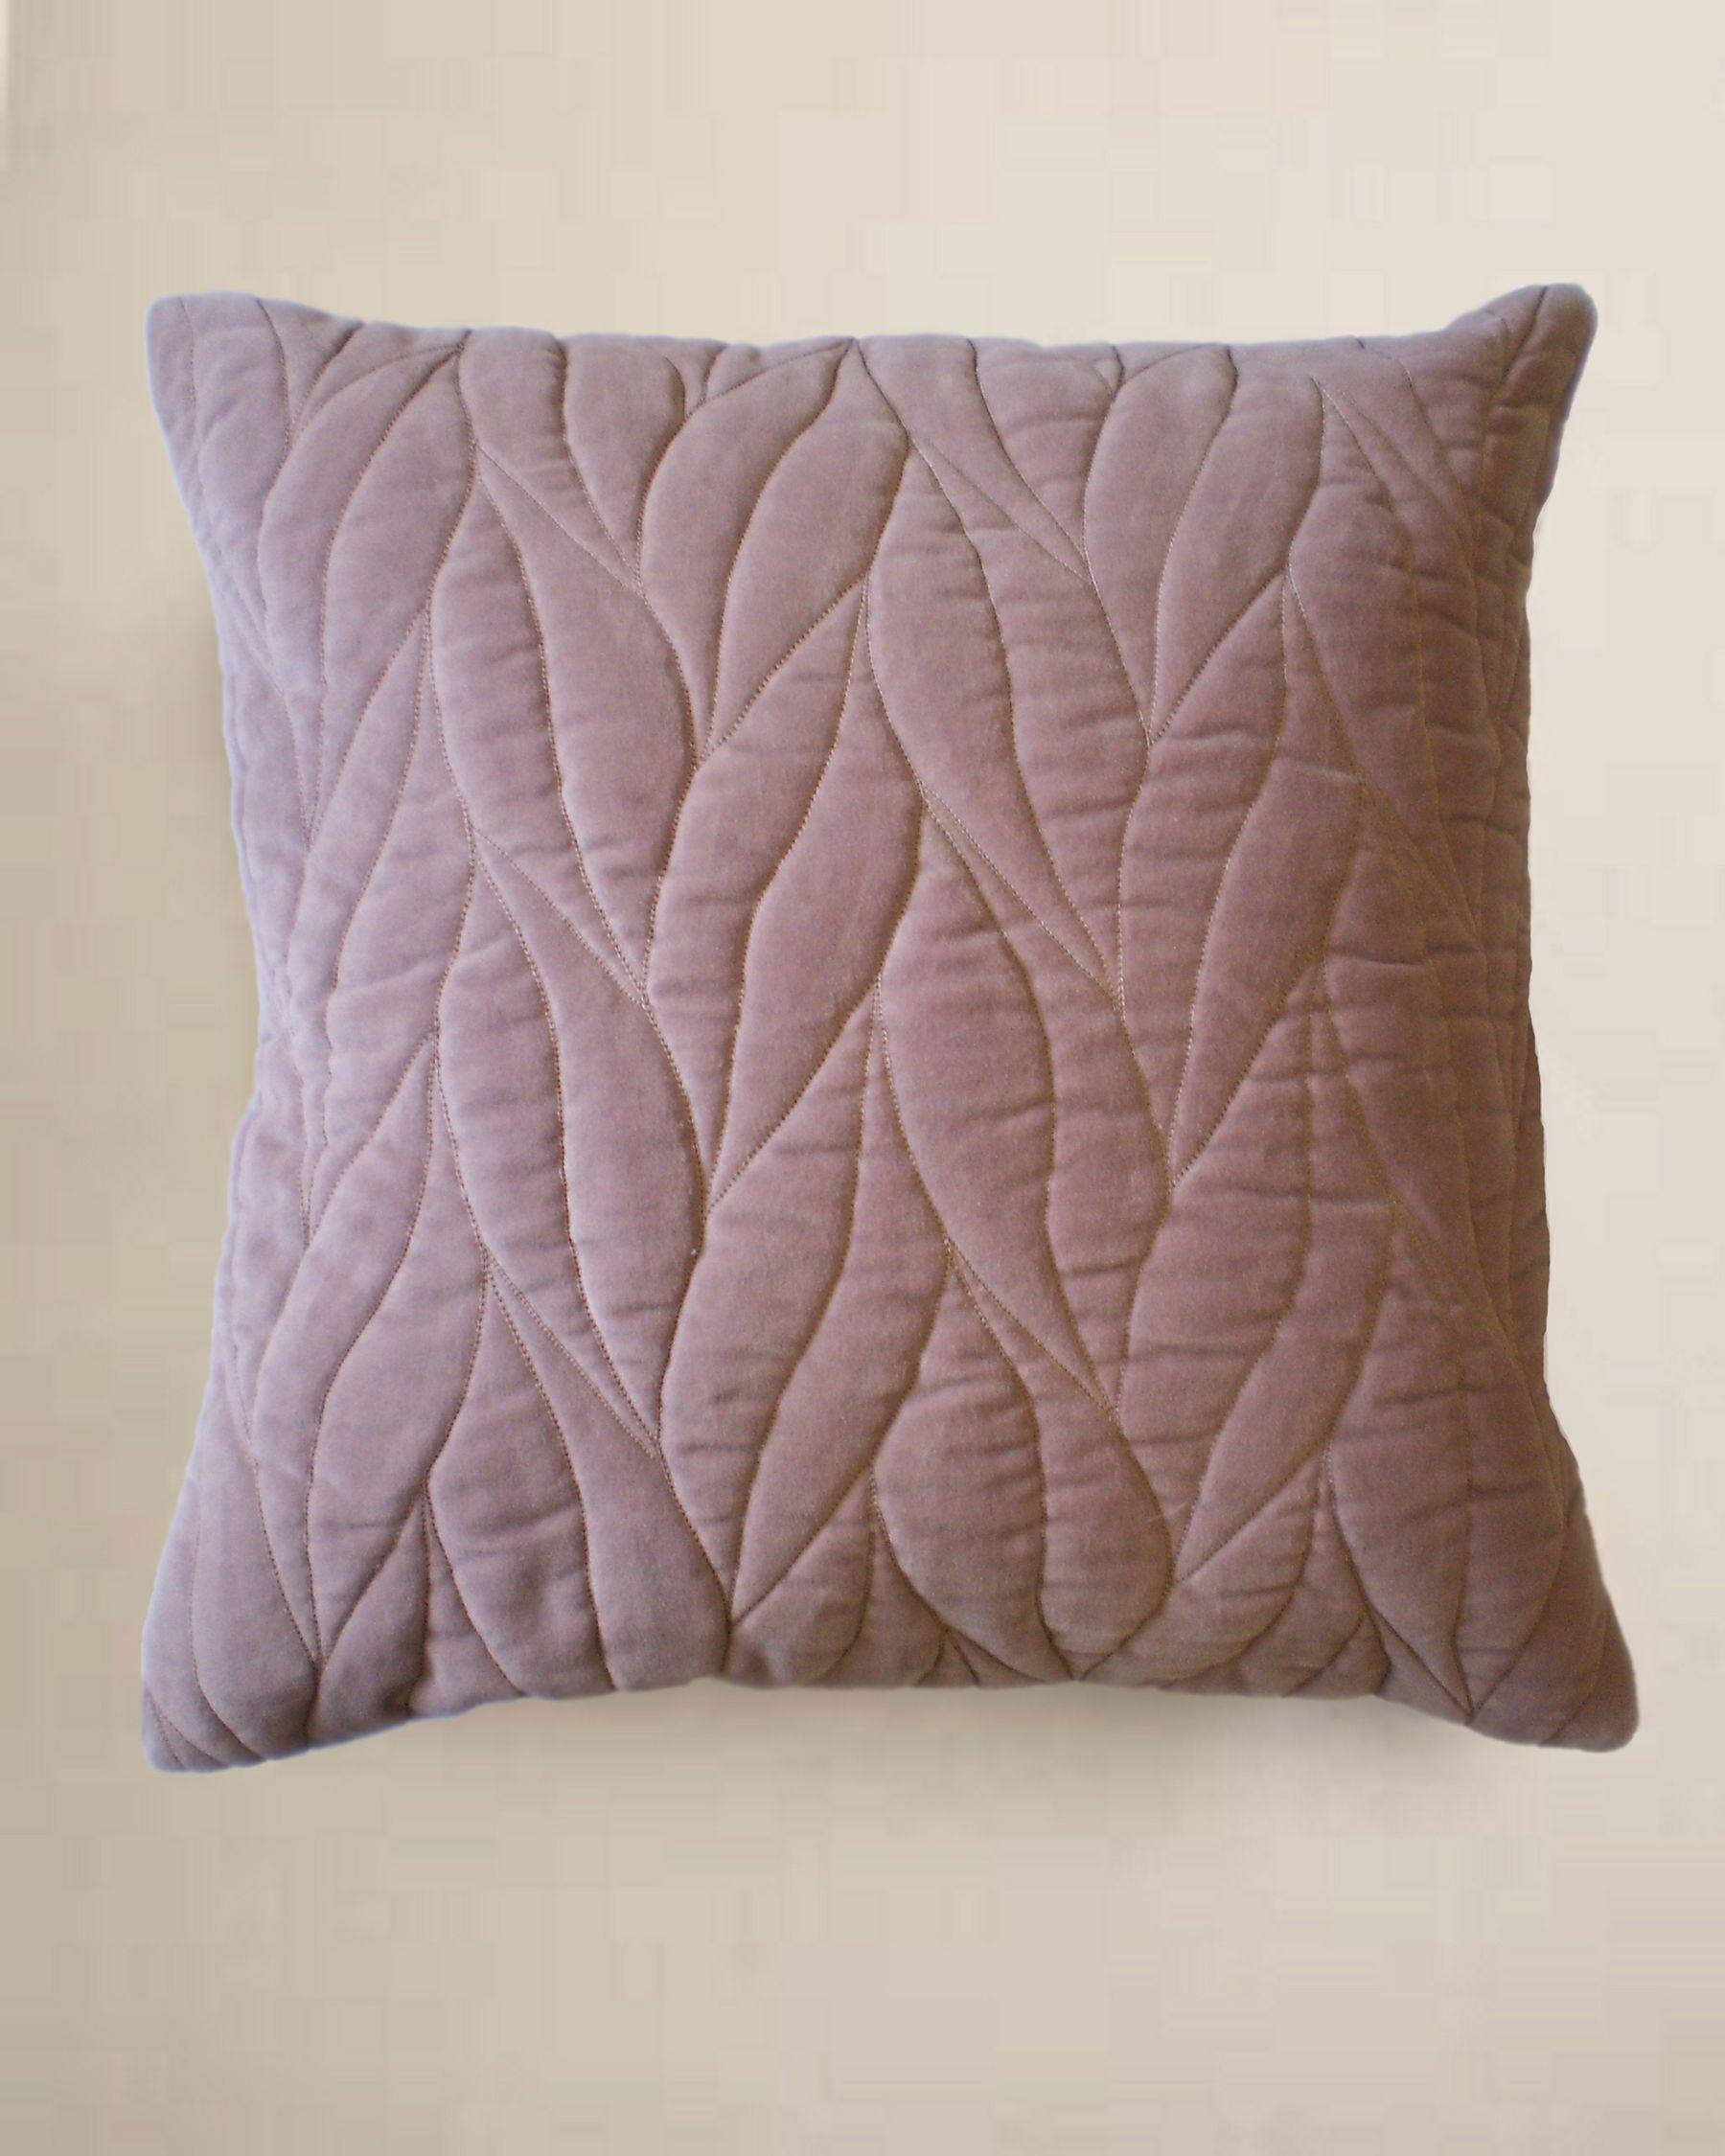 Design Trends 2013: Quilted Design - ELLE DECOR -  Quilted Leaf Cotton Velvet Cushion - Nitin Goyal